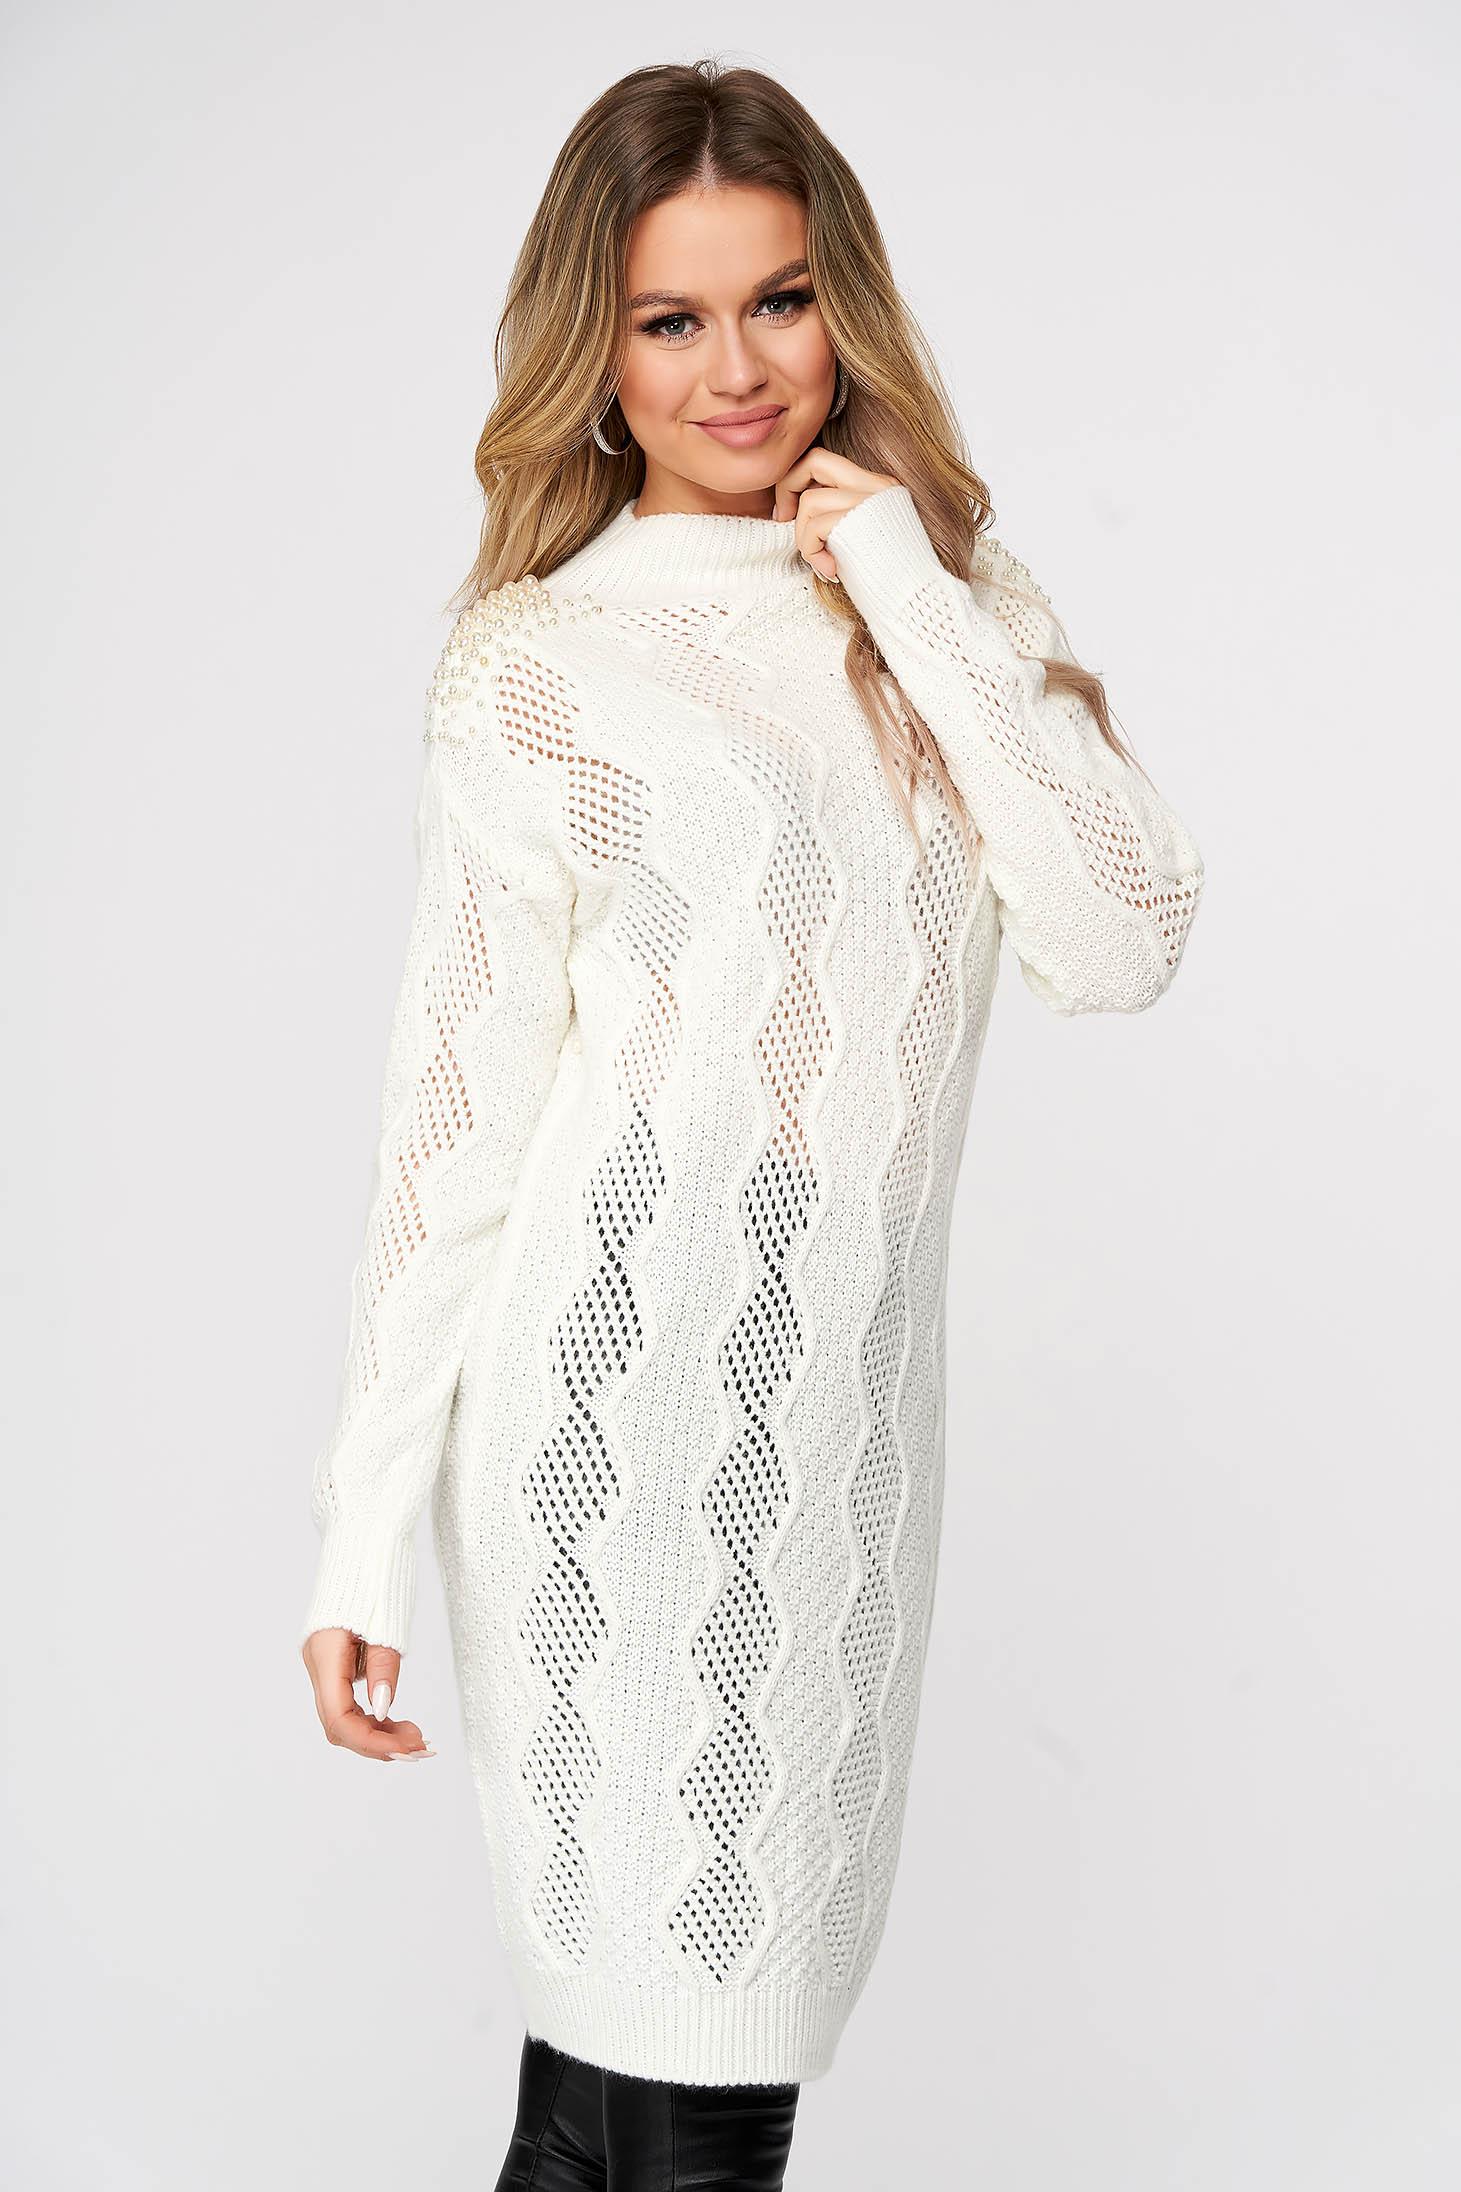 Pulover SunShine alb lunga tricotat cu croi larg cu aplicatii cu perle